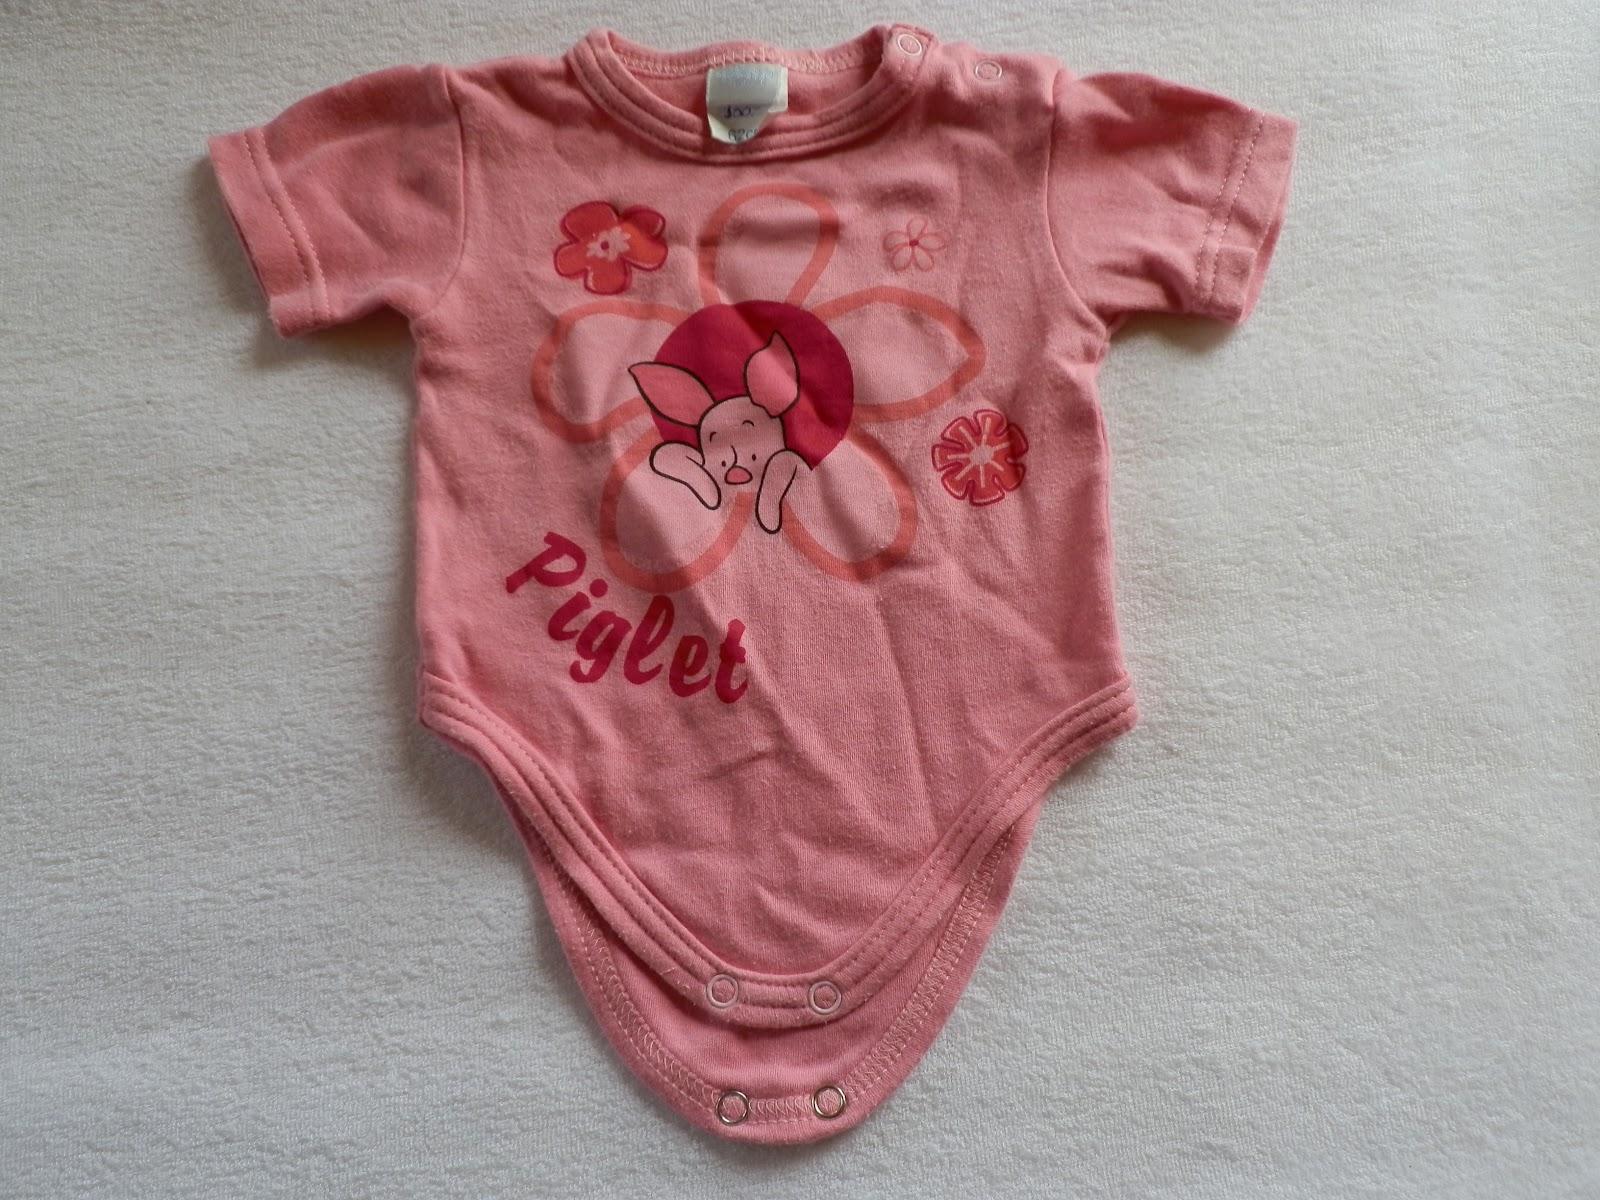 Disney Baby 62-es rövid ujjú fehér alapon rózsaszín pöttyös lányka body  Minnie egér mintával 14a648c21a